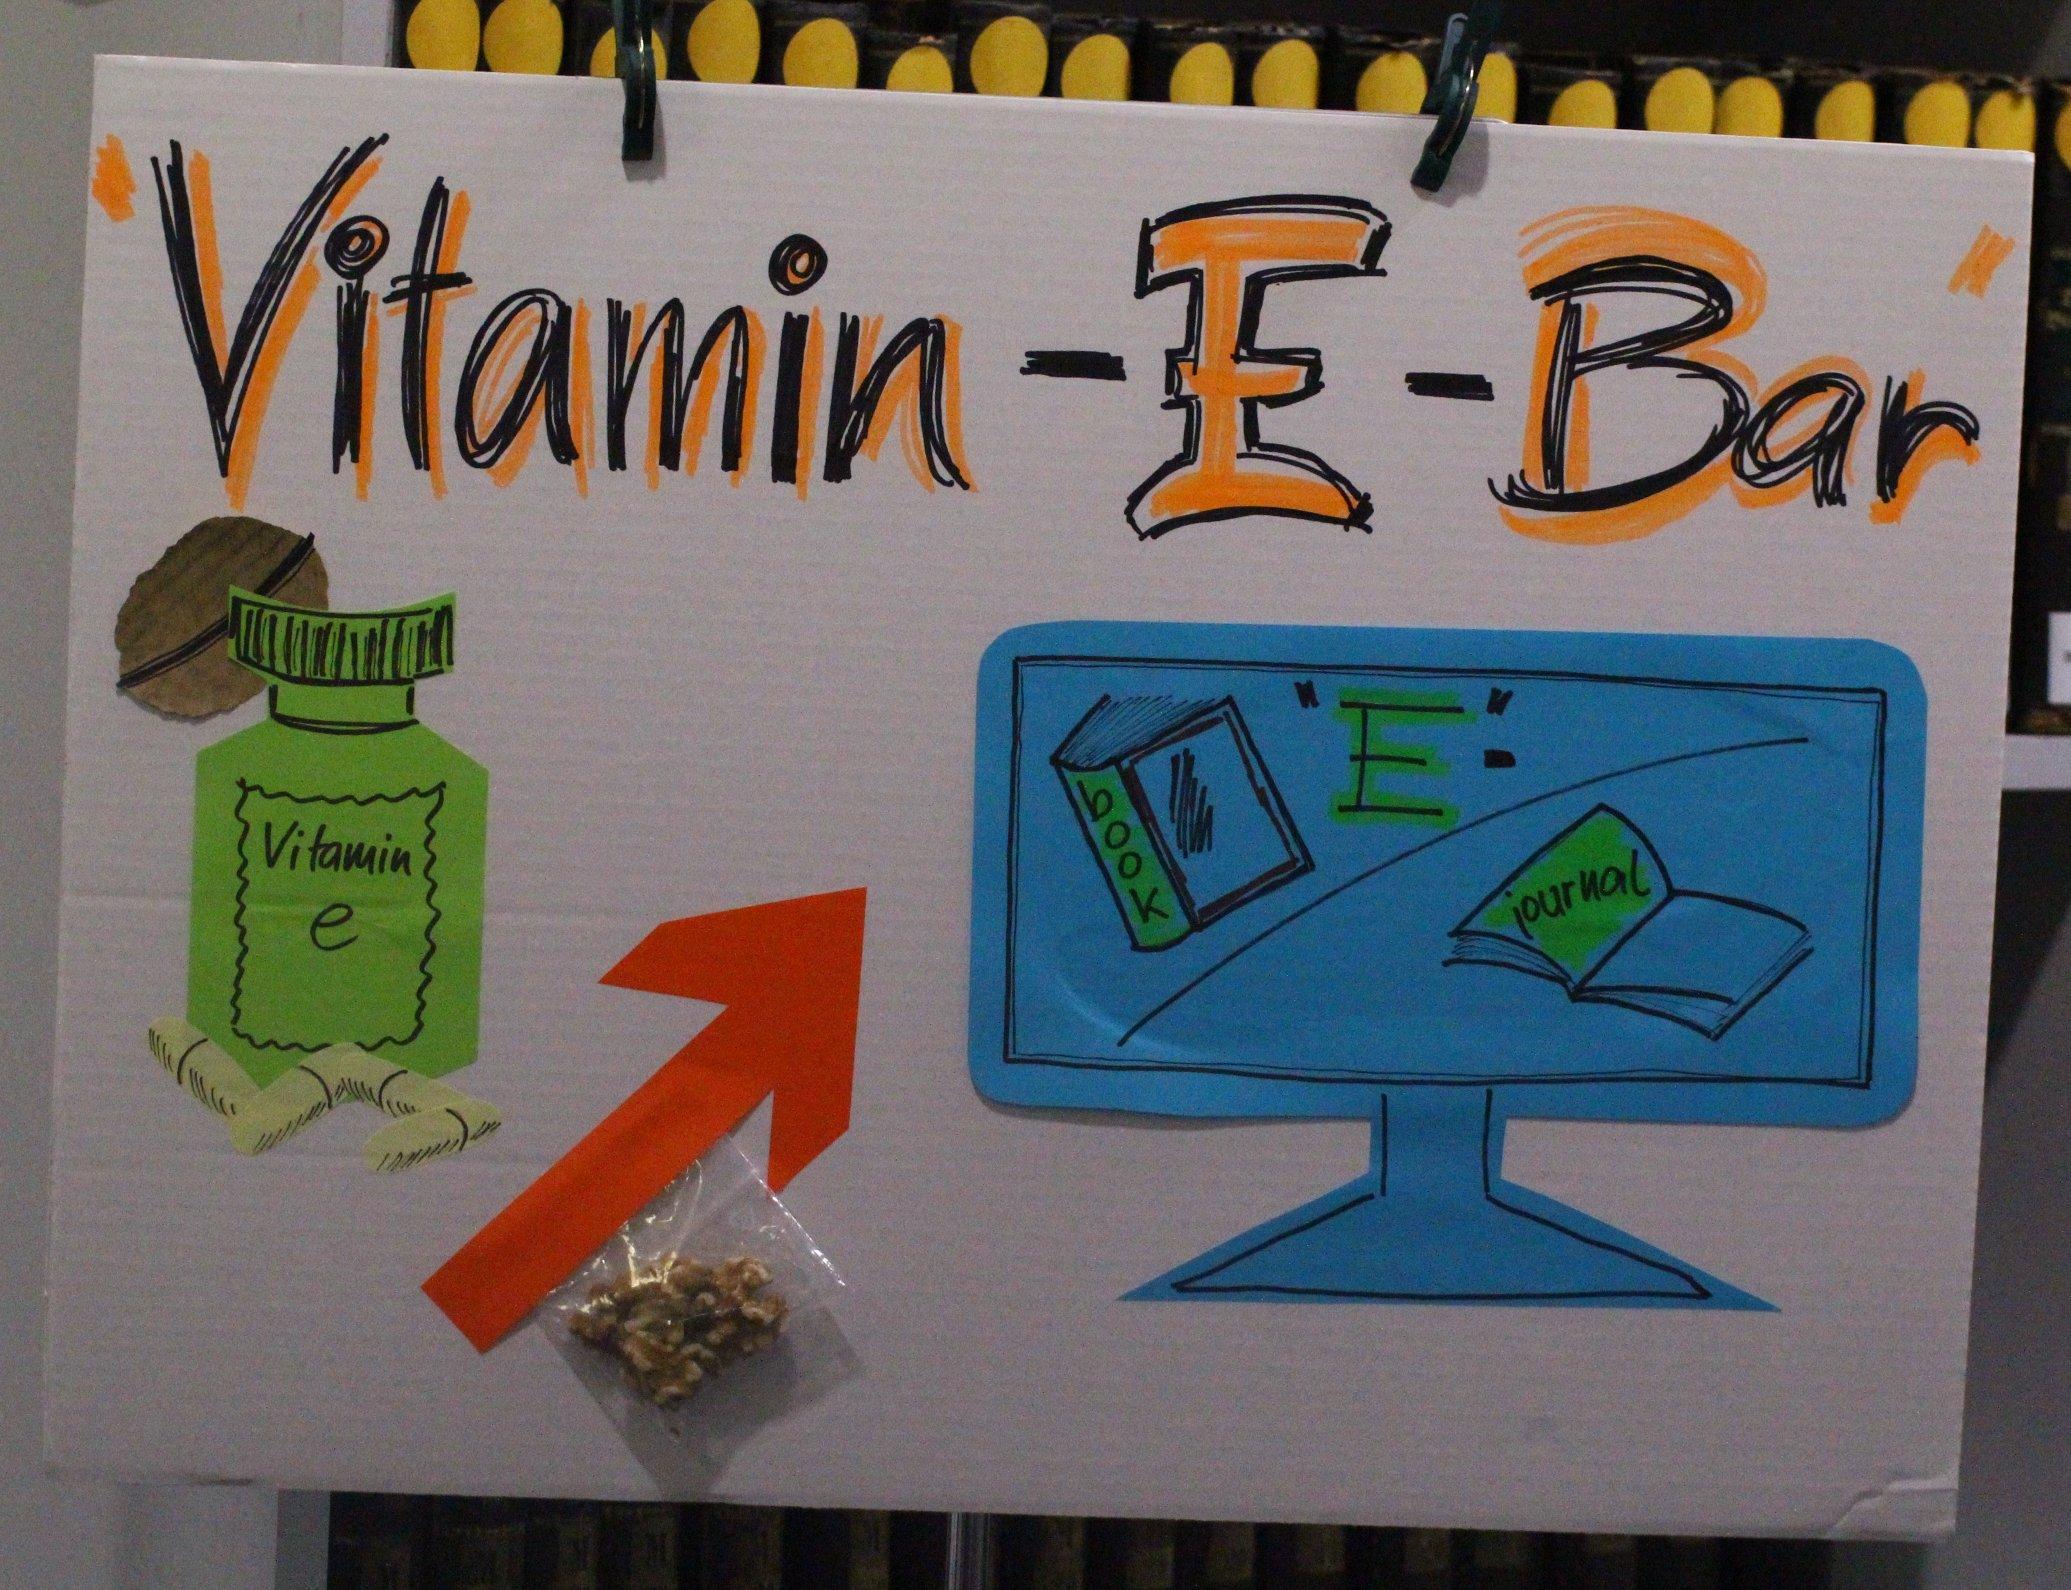 Vitamin_E_Bar